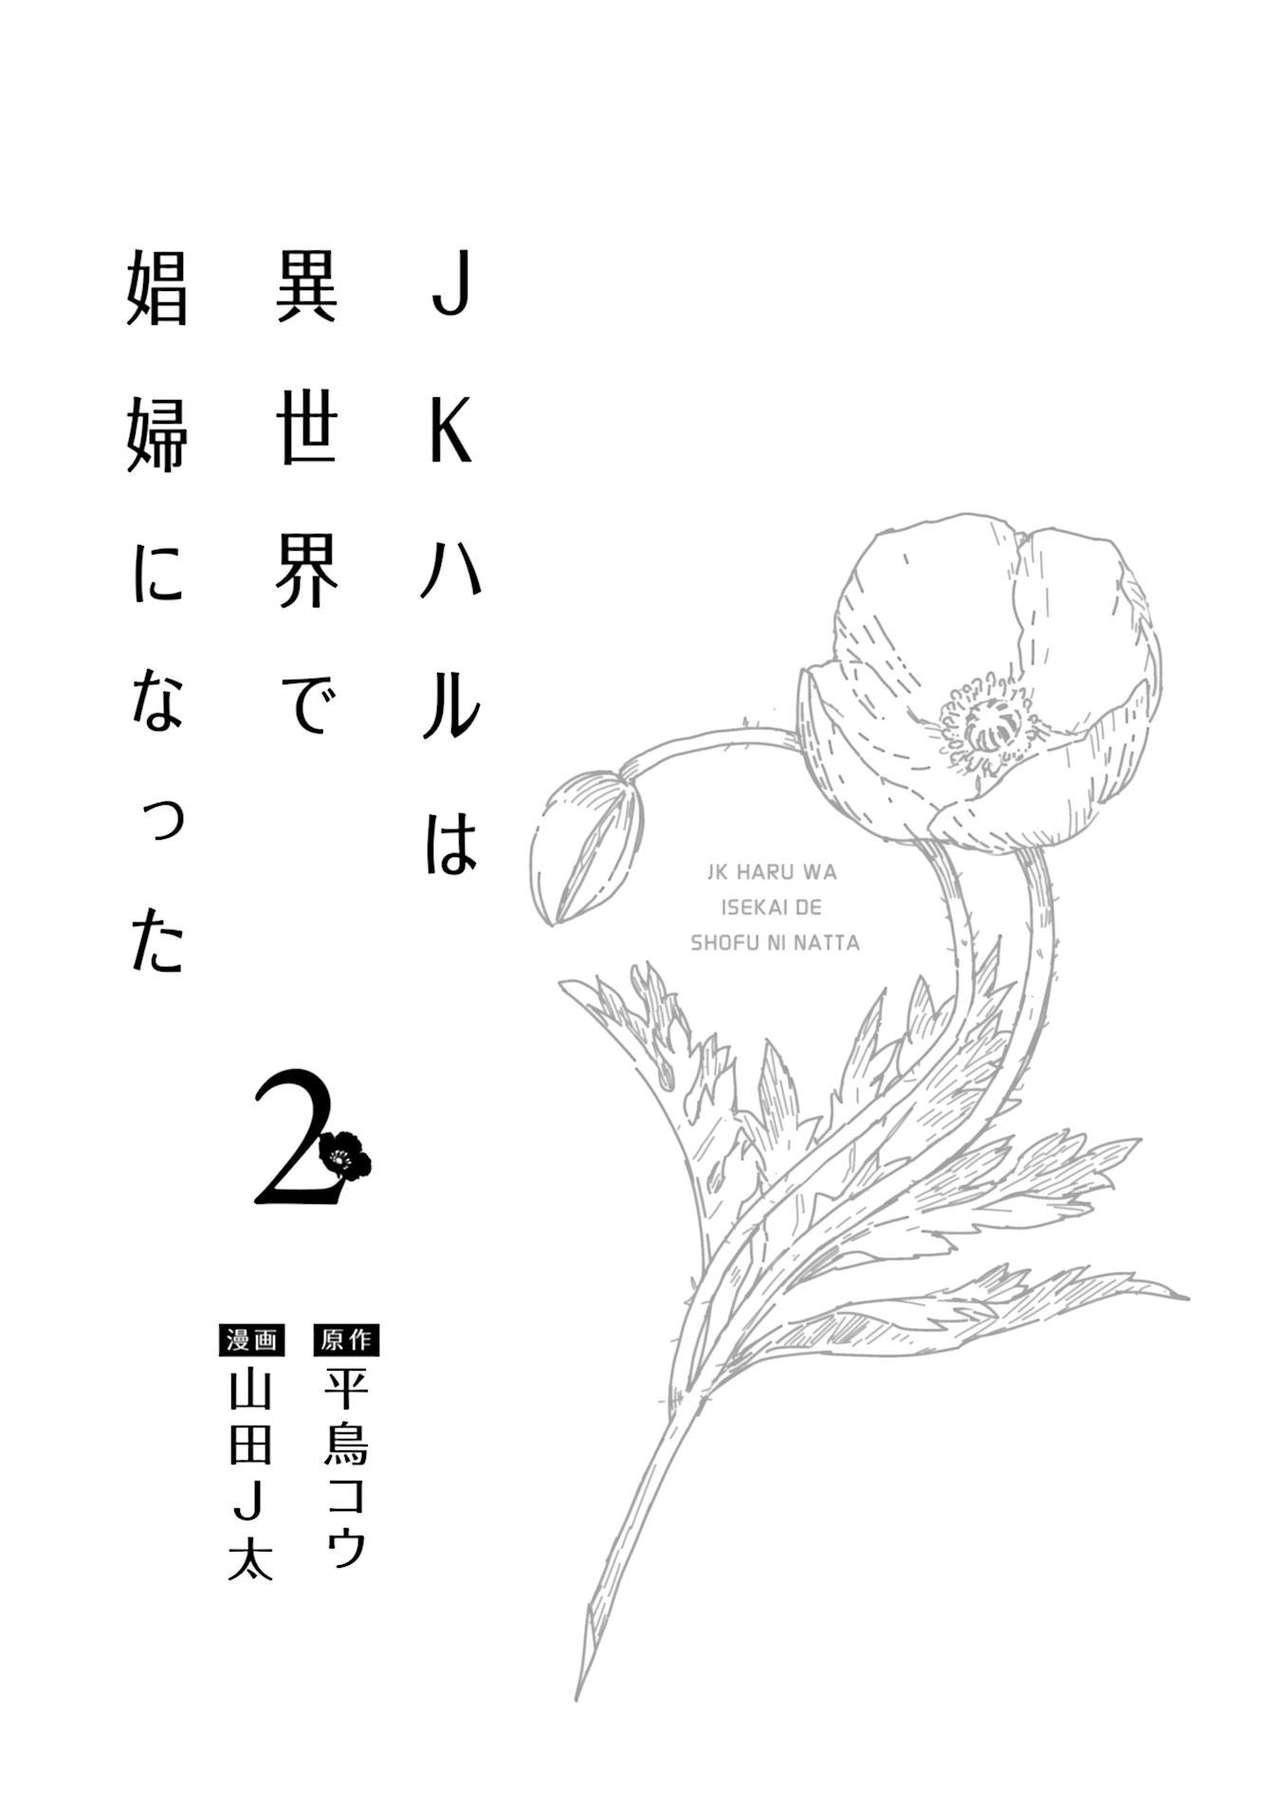 JK Haru wa Isekai de Shoufu ni Natta 1-14 189